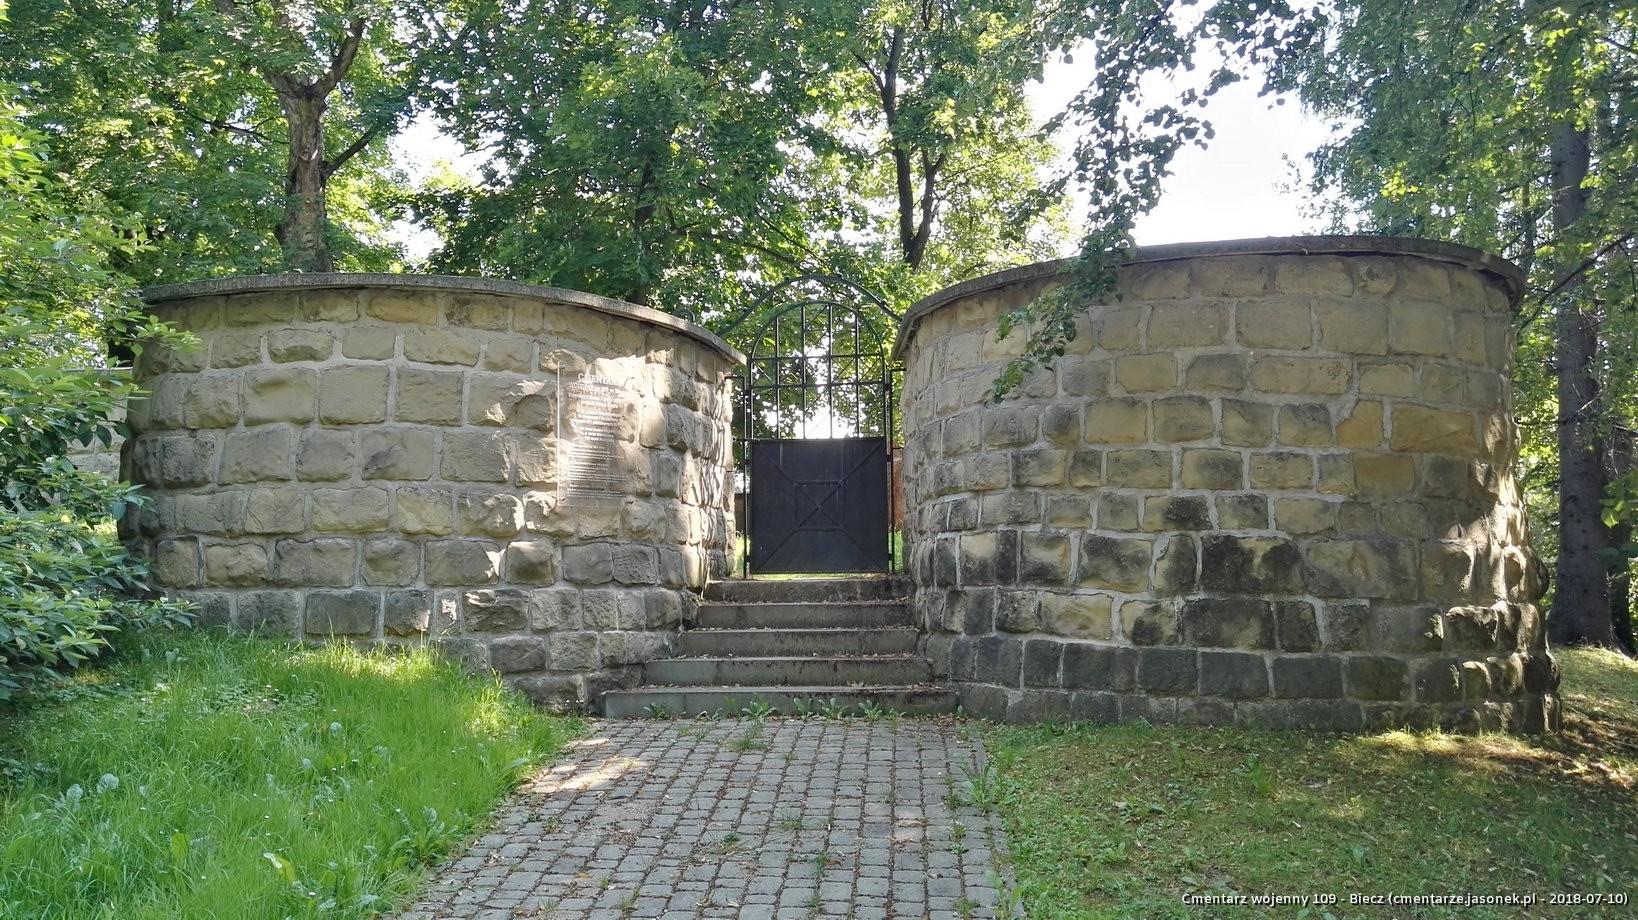 Cmentarz wojenny 109 - Biecz